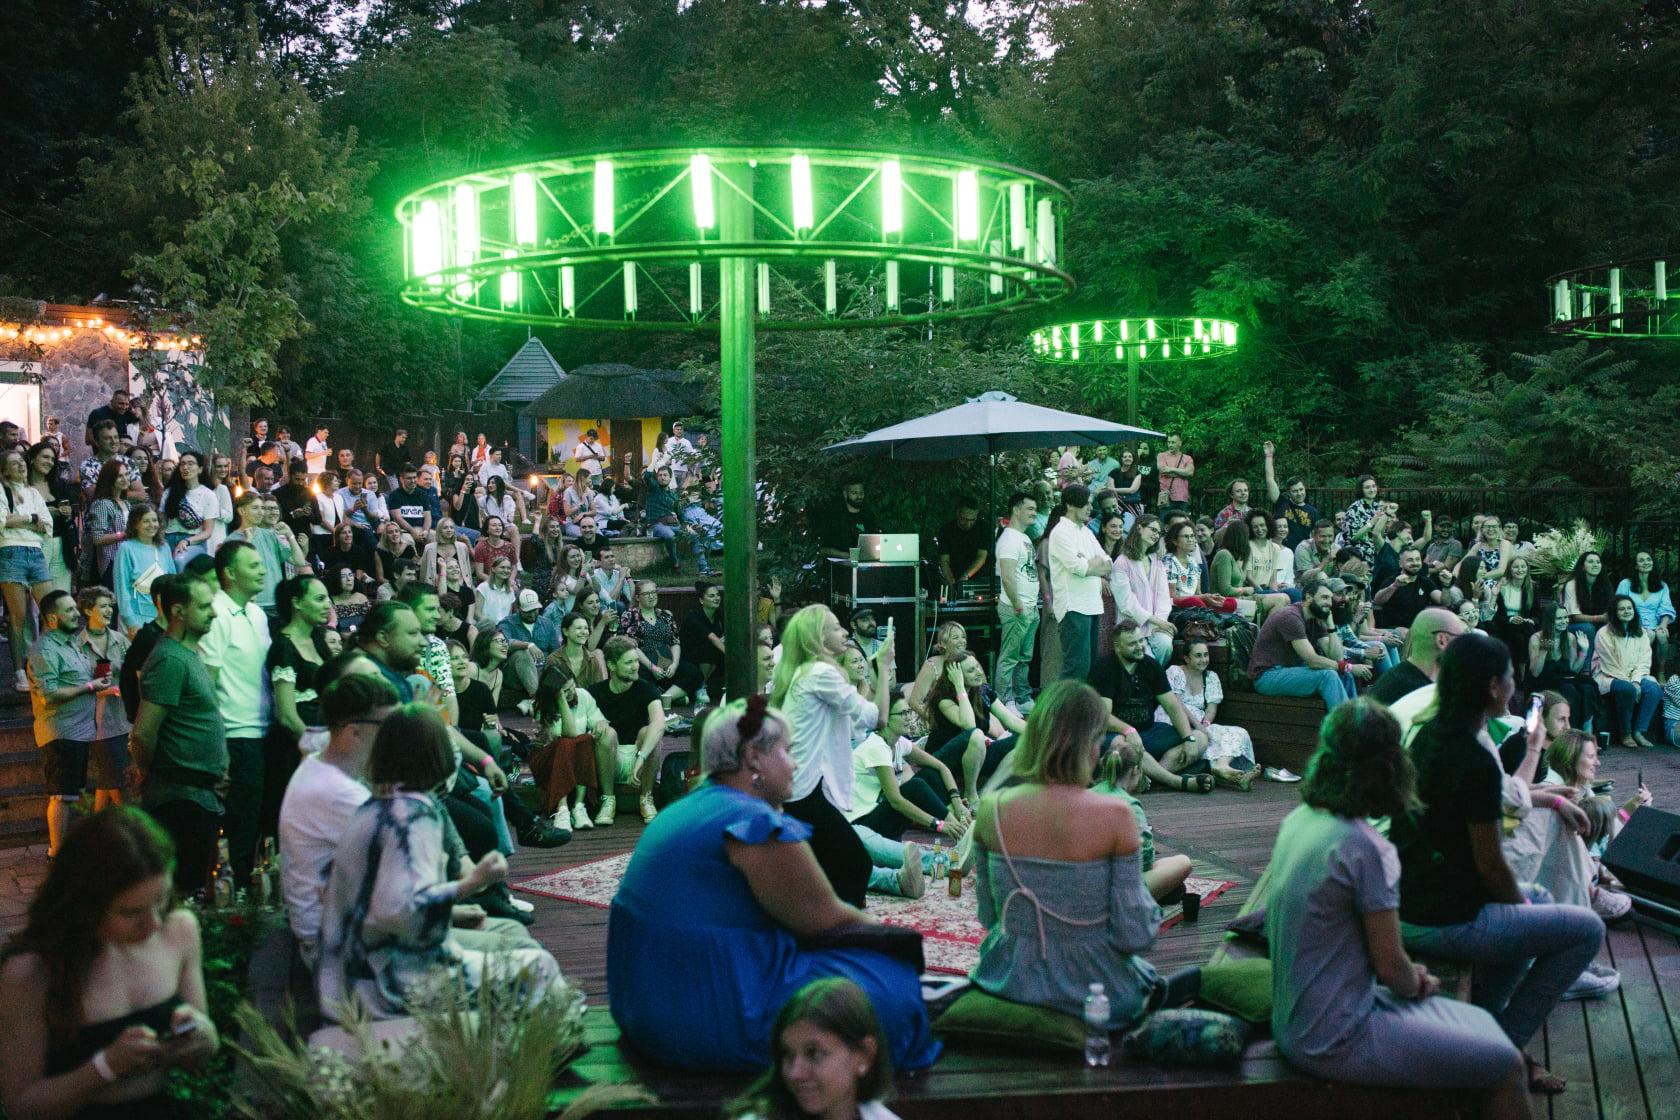 Известно, кто выступит на этой неделе в KURENI. Завершается сезон вечеринок под открытым небом  — фото 3